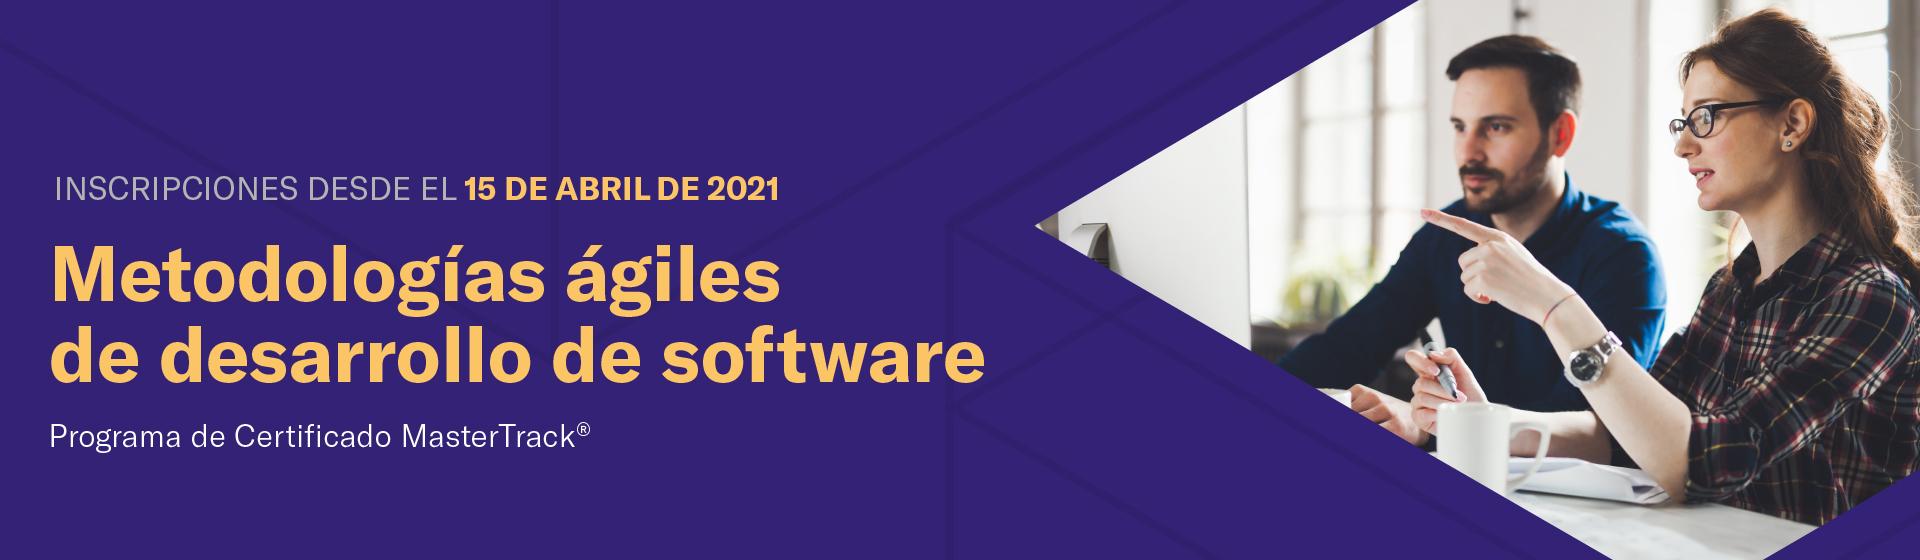 Programa de Certificado MasterTrack® en Metodologías ágiles de desarrollo de software